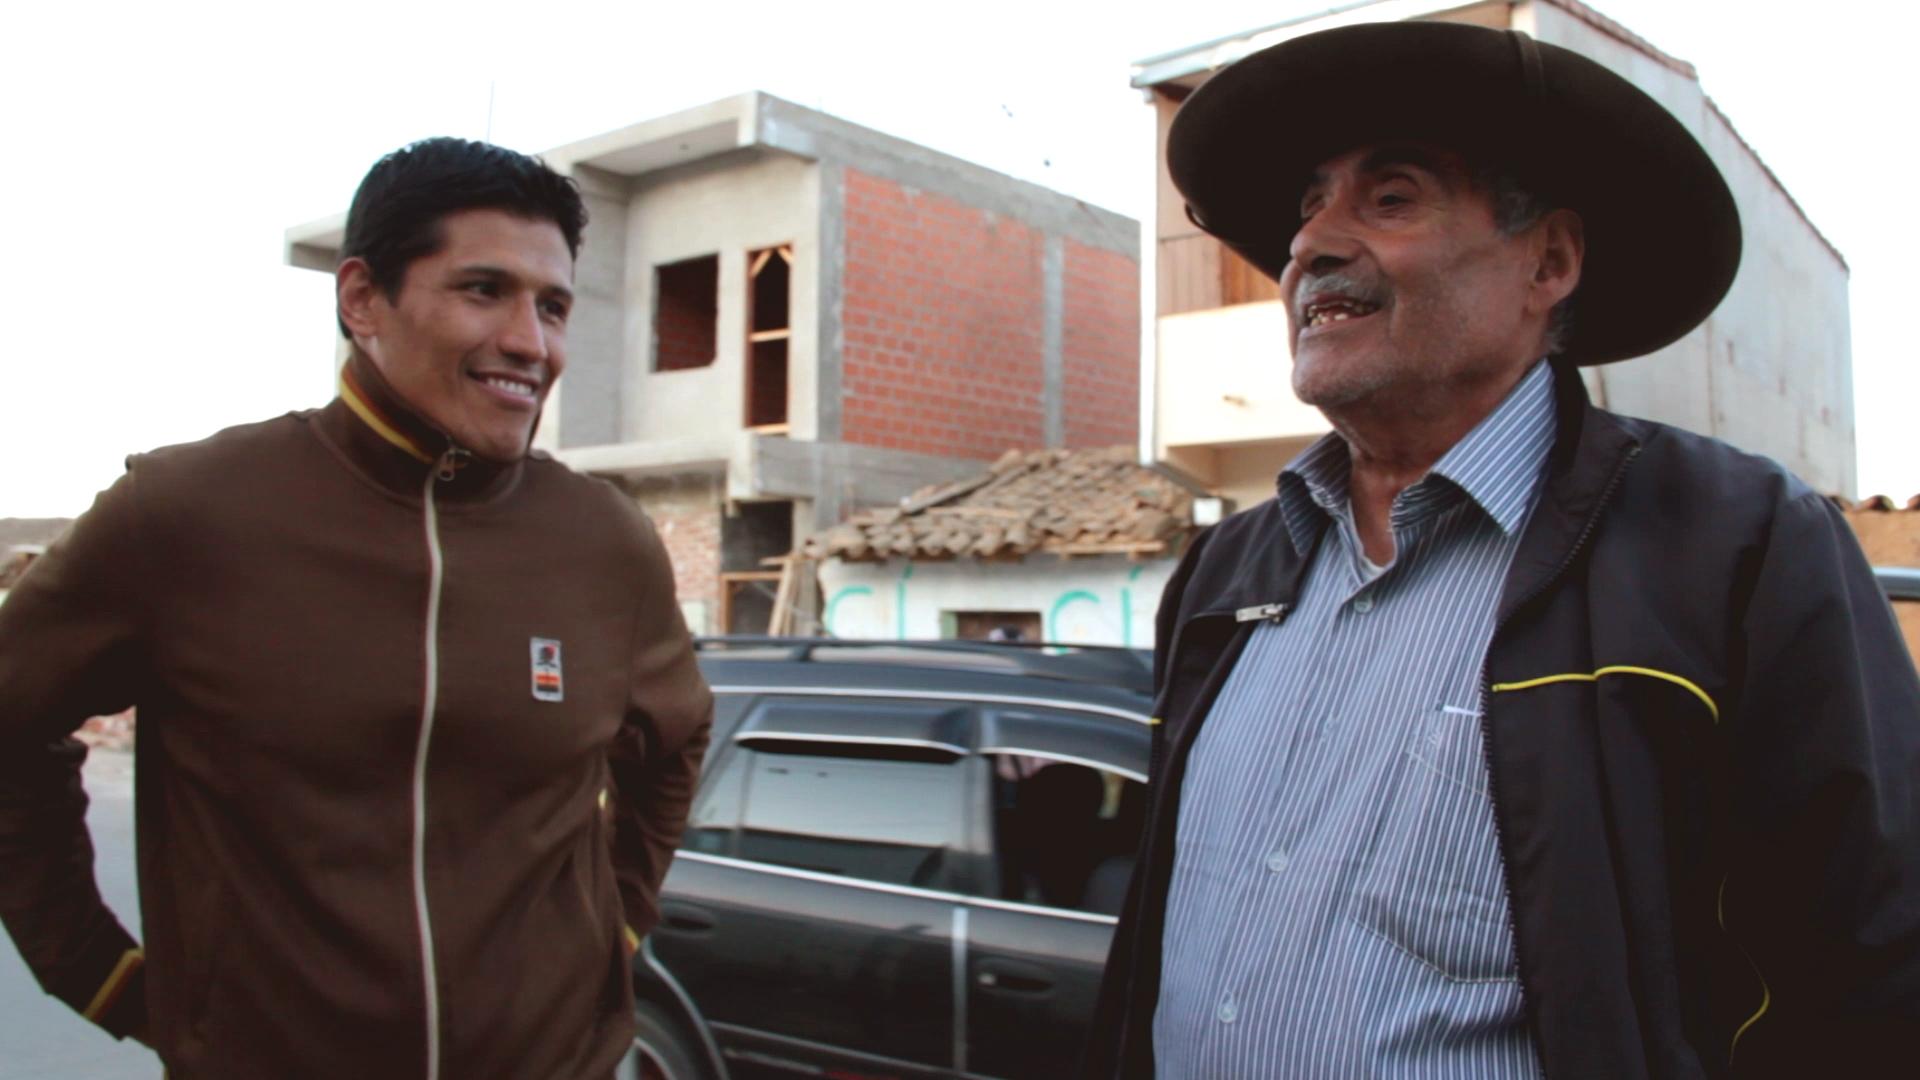 policarpios lino rutache pablocaminante - Ruta del Che 1/2, Vallegrande